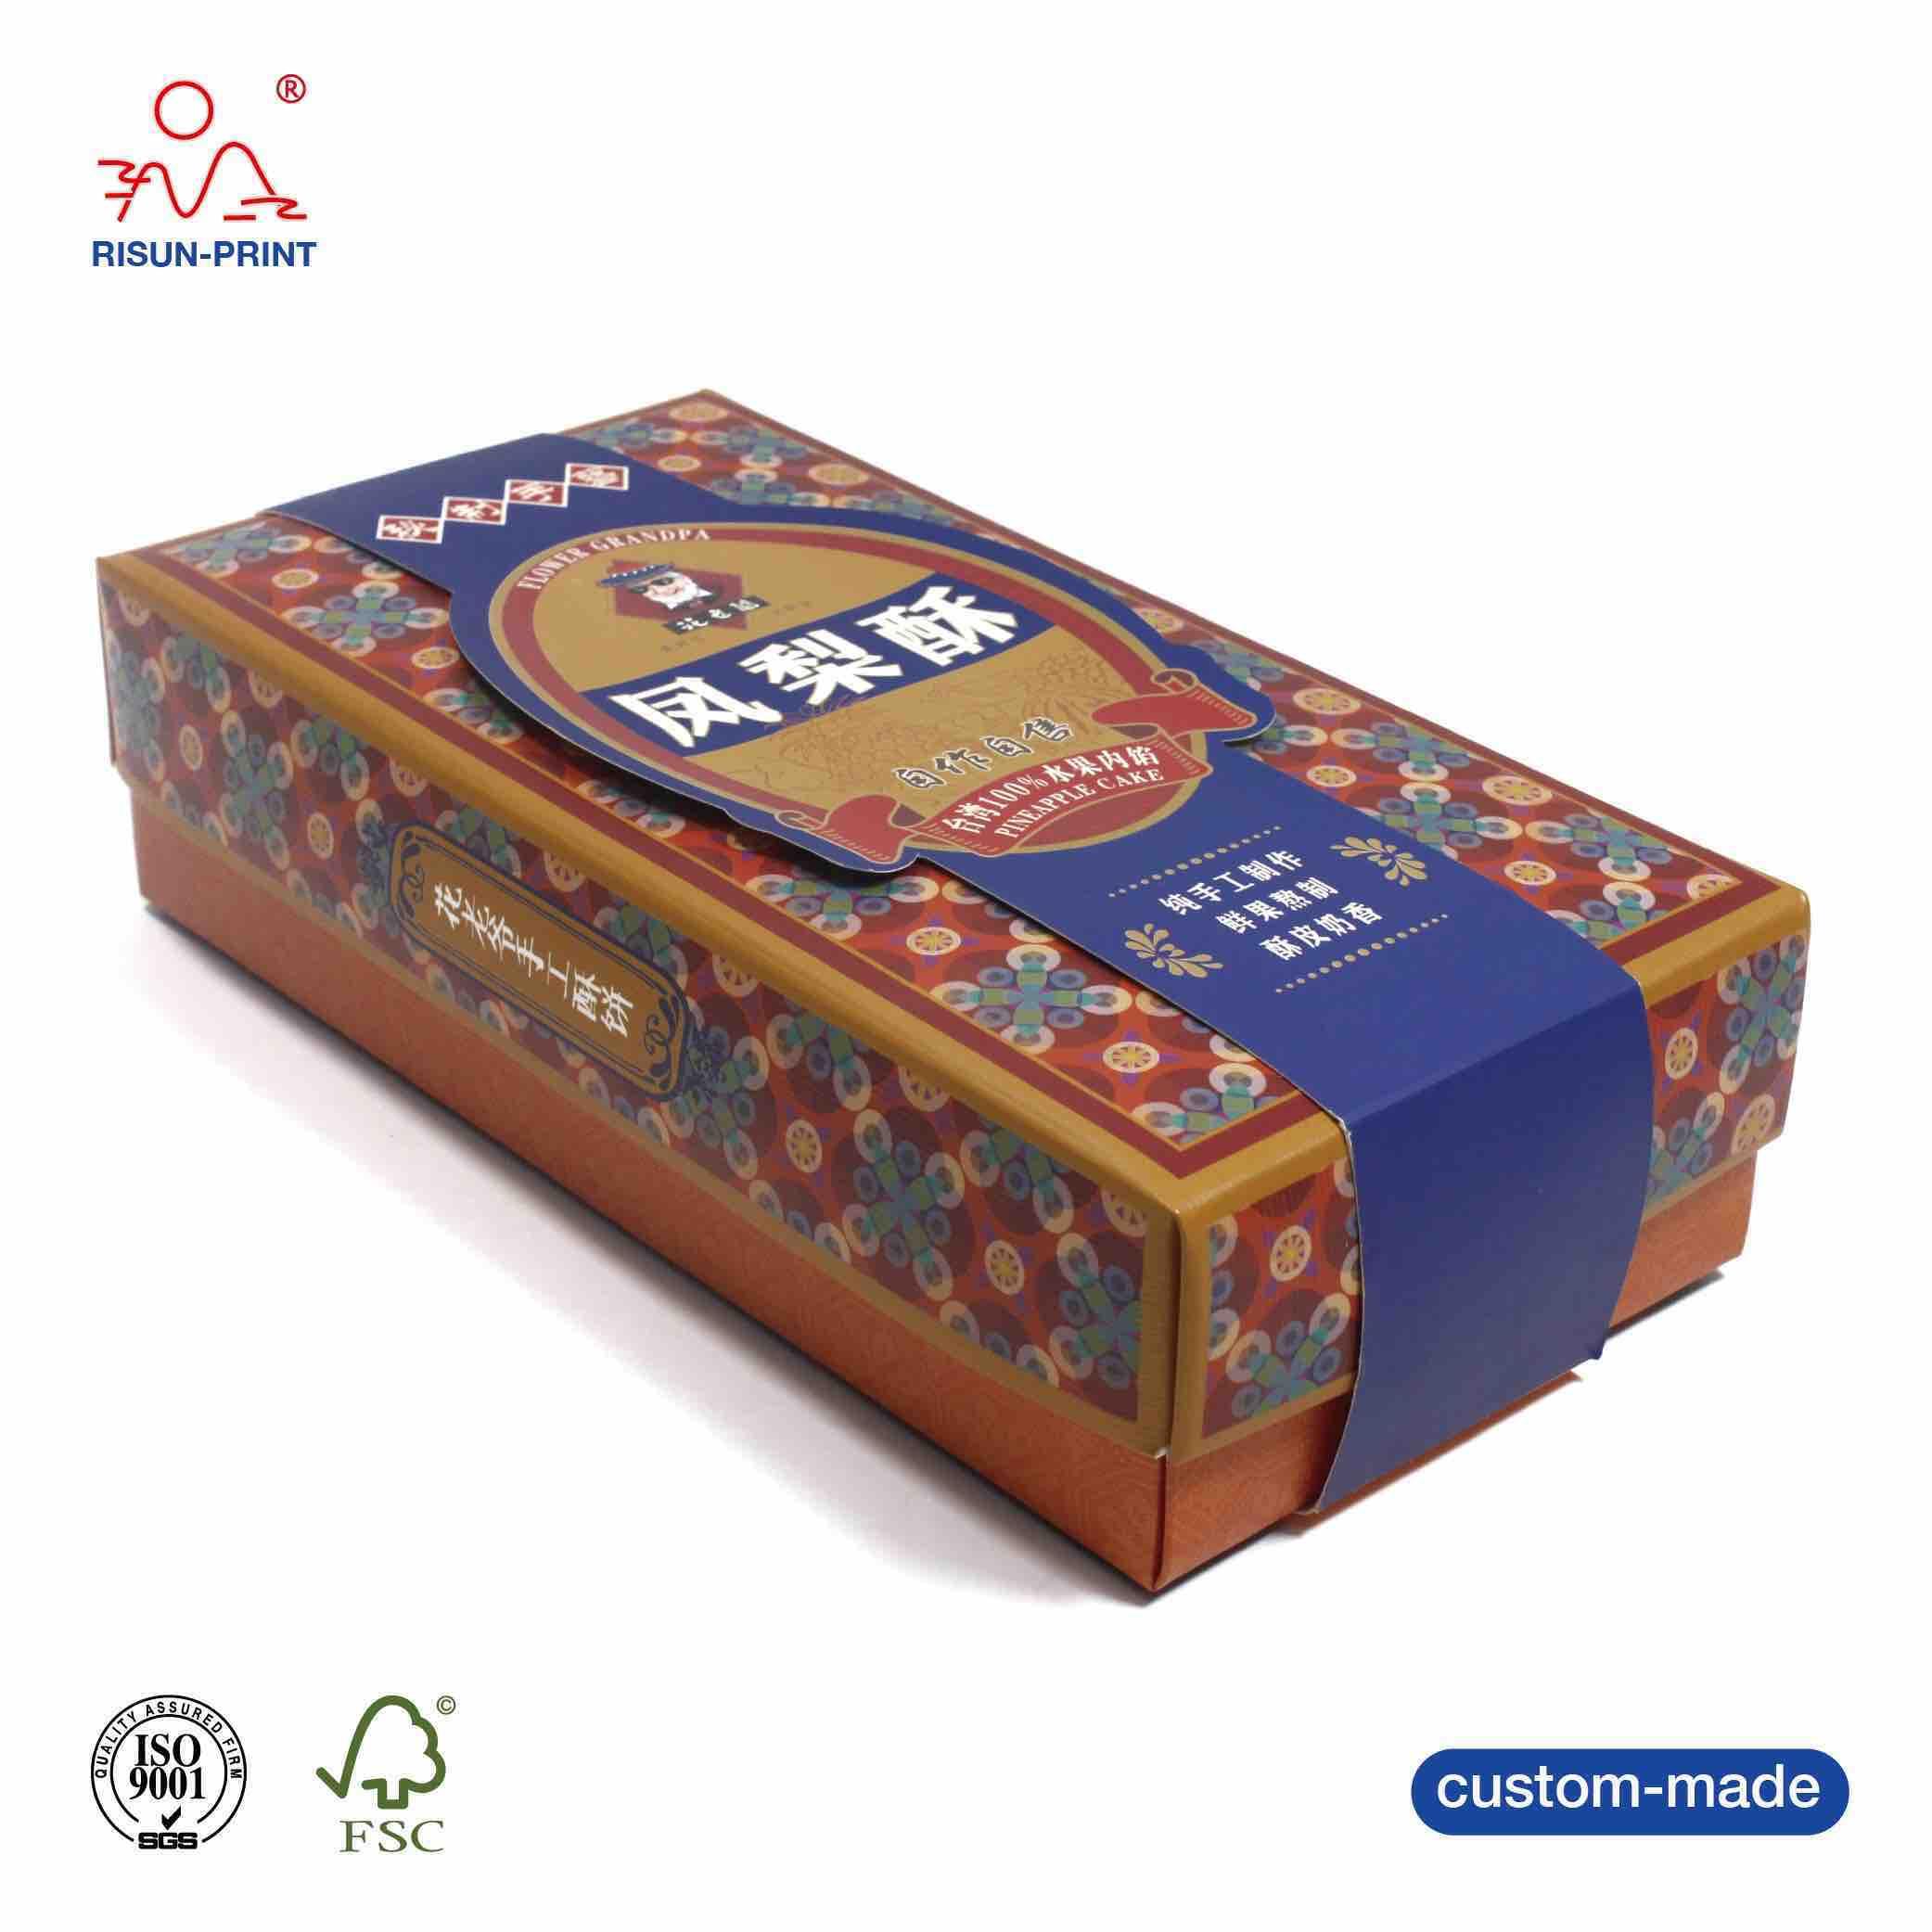 山东礼品盒包装定制礼品盒设计厂家-济南尚邦佳品包装制品有限公司